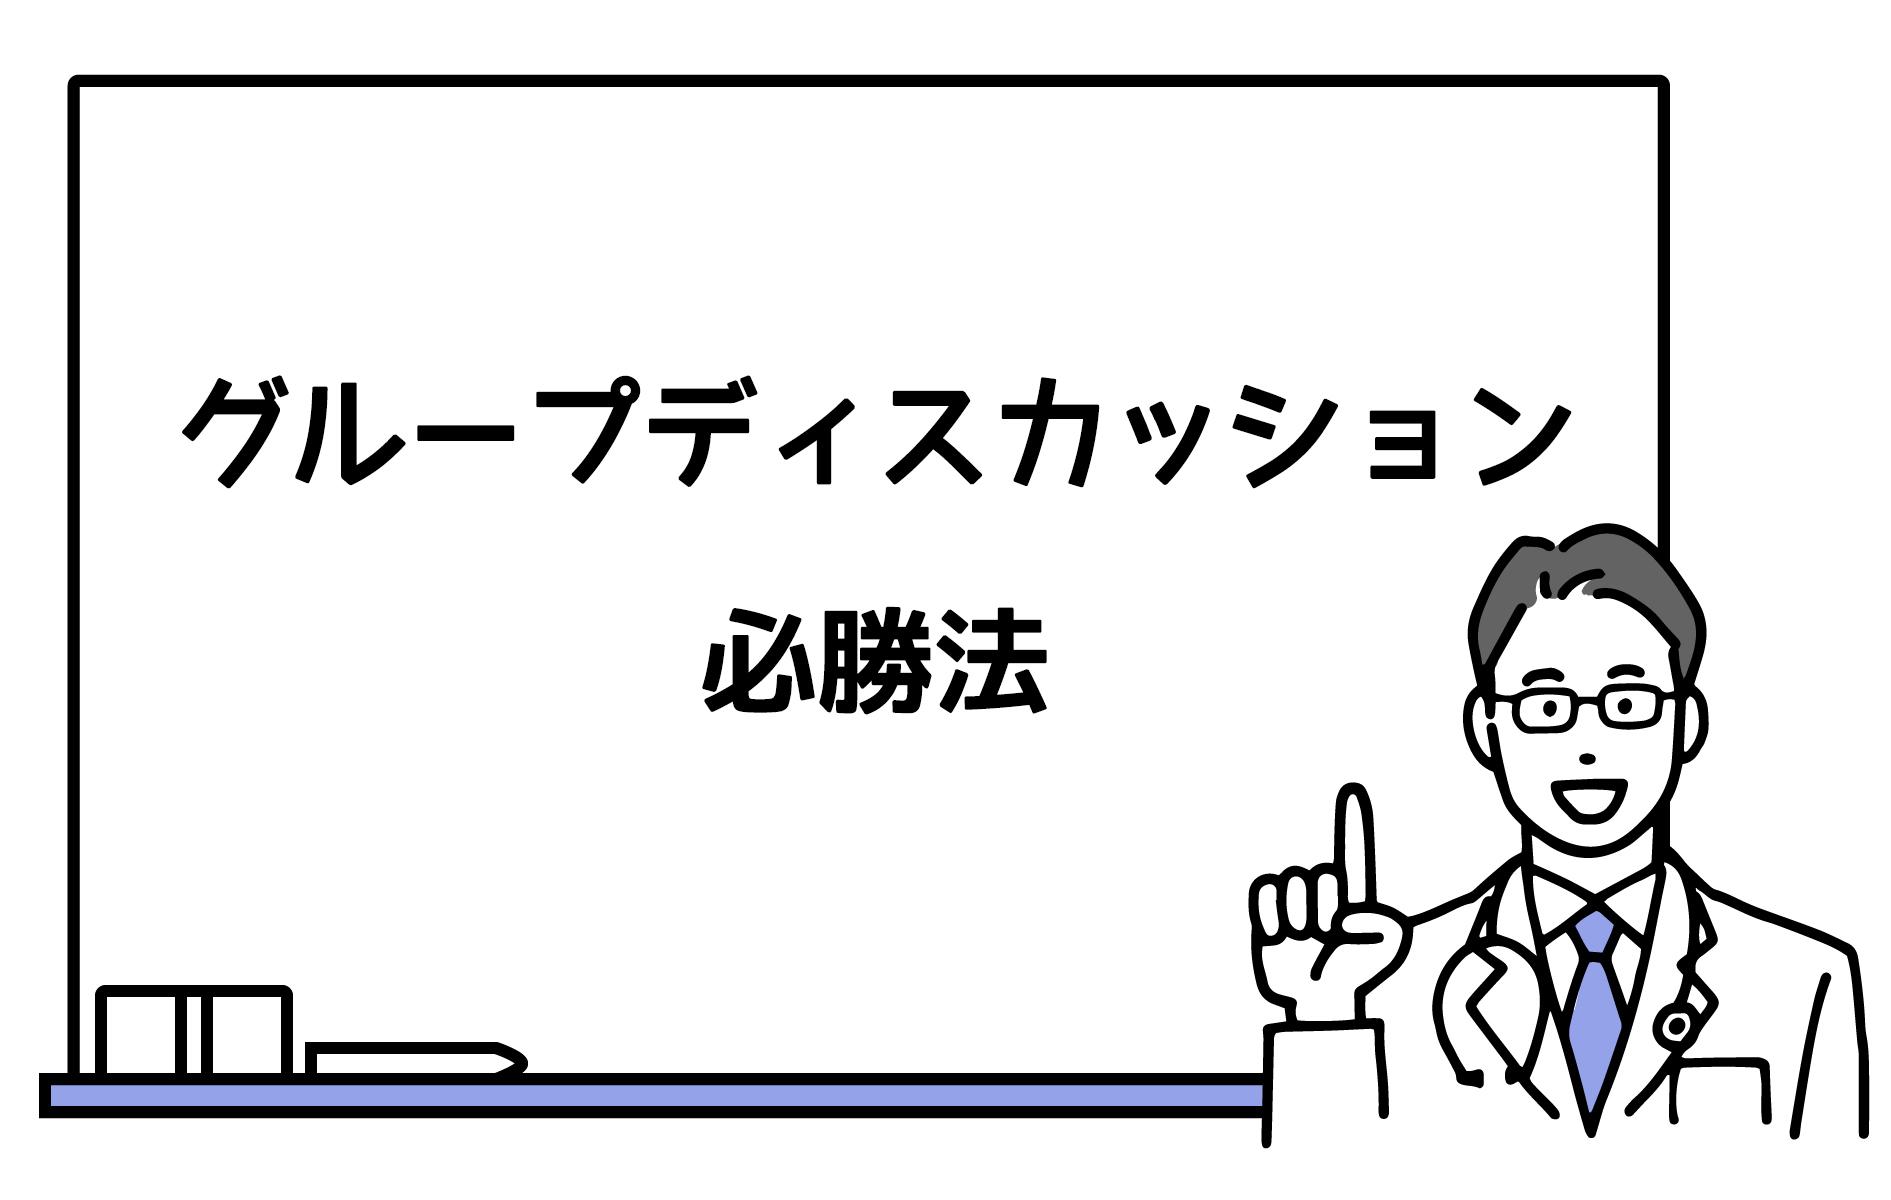 【就活インターン生必見!】1分でわかる!グループディスカッション(GD)必勝法